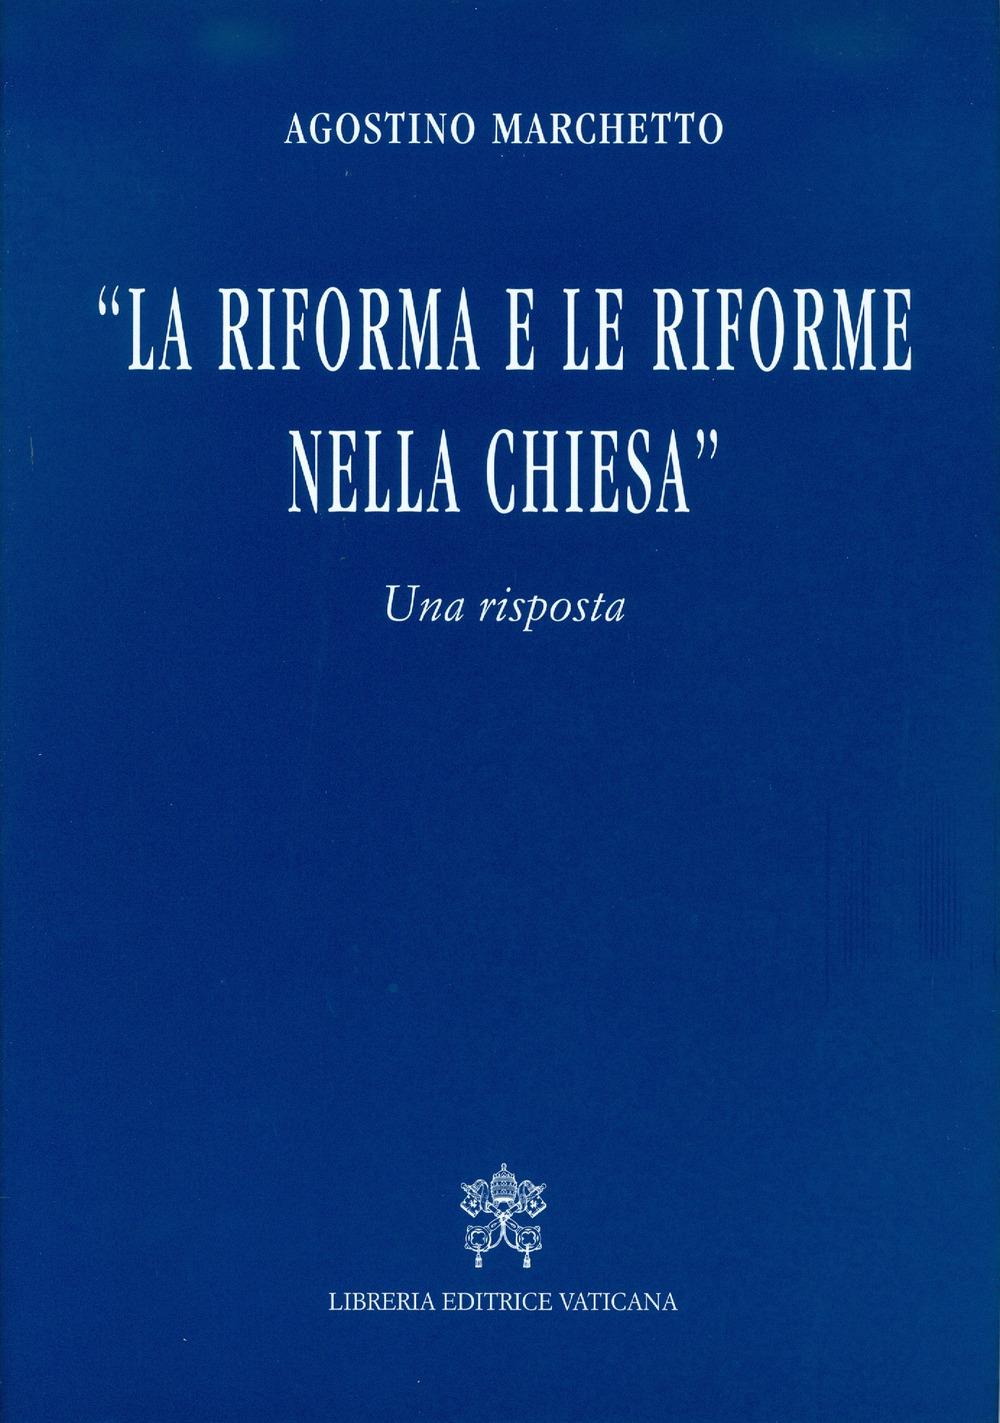 Réforme et réformes dans l'Eglise @ Mgr Agostino Marchetto